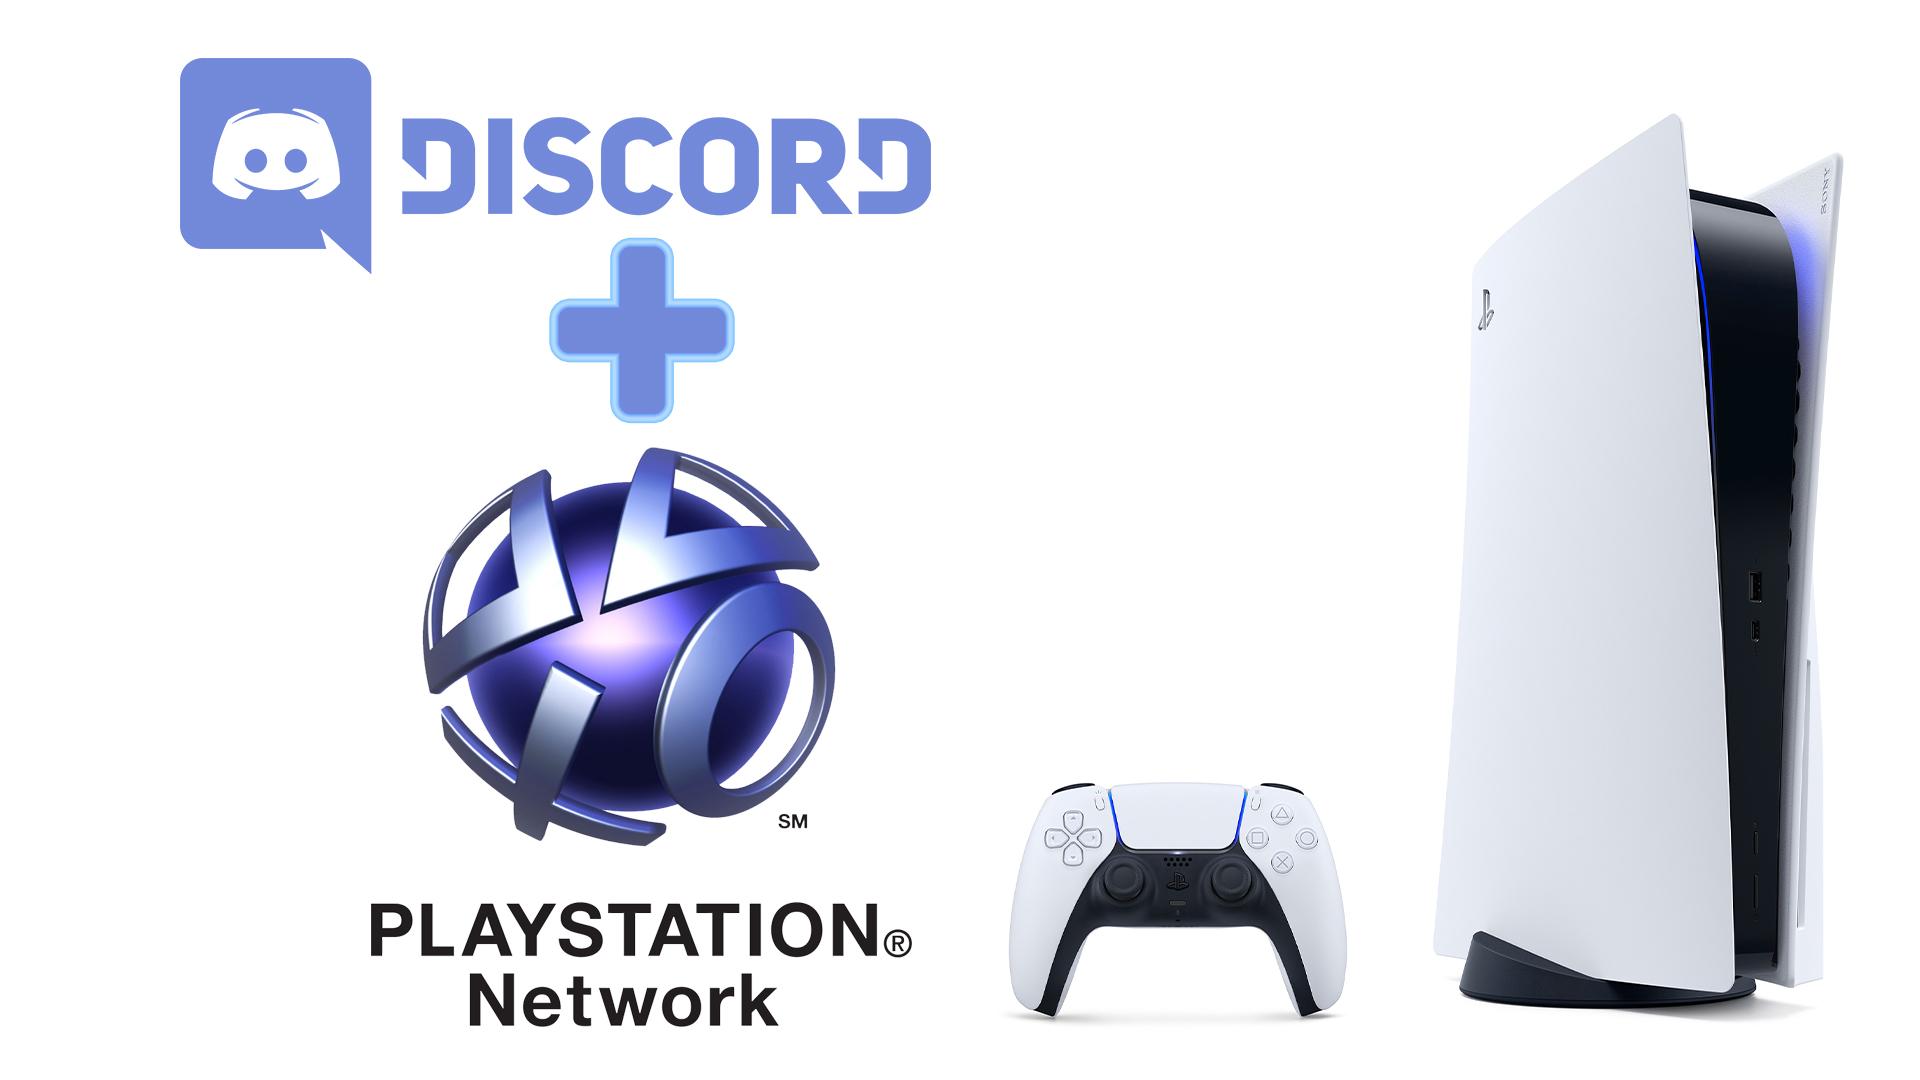 Discord raggiunge finalmente il PlayStation Network: Jim Ryan annuncia la partnership, il servizio arriverà per il 2022 su PS5